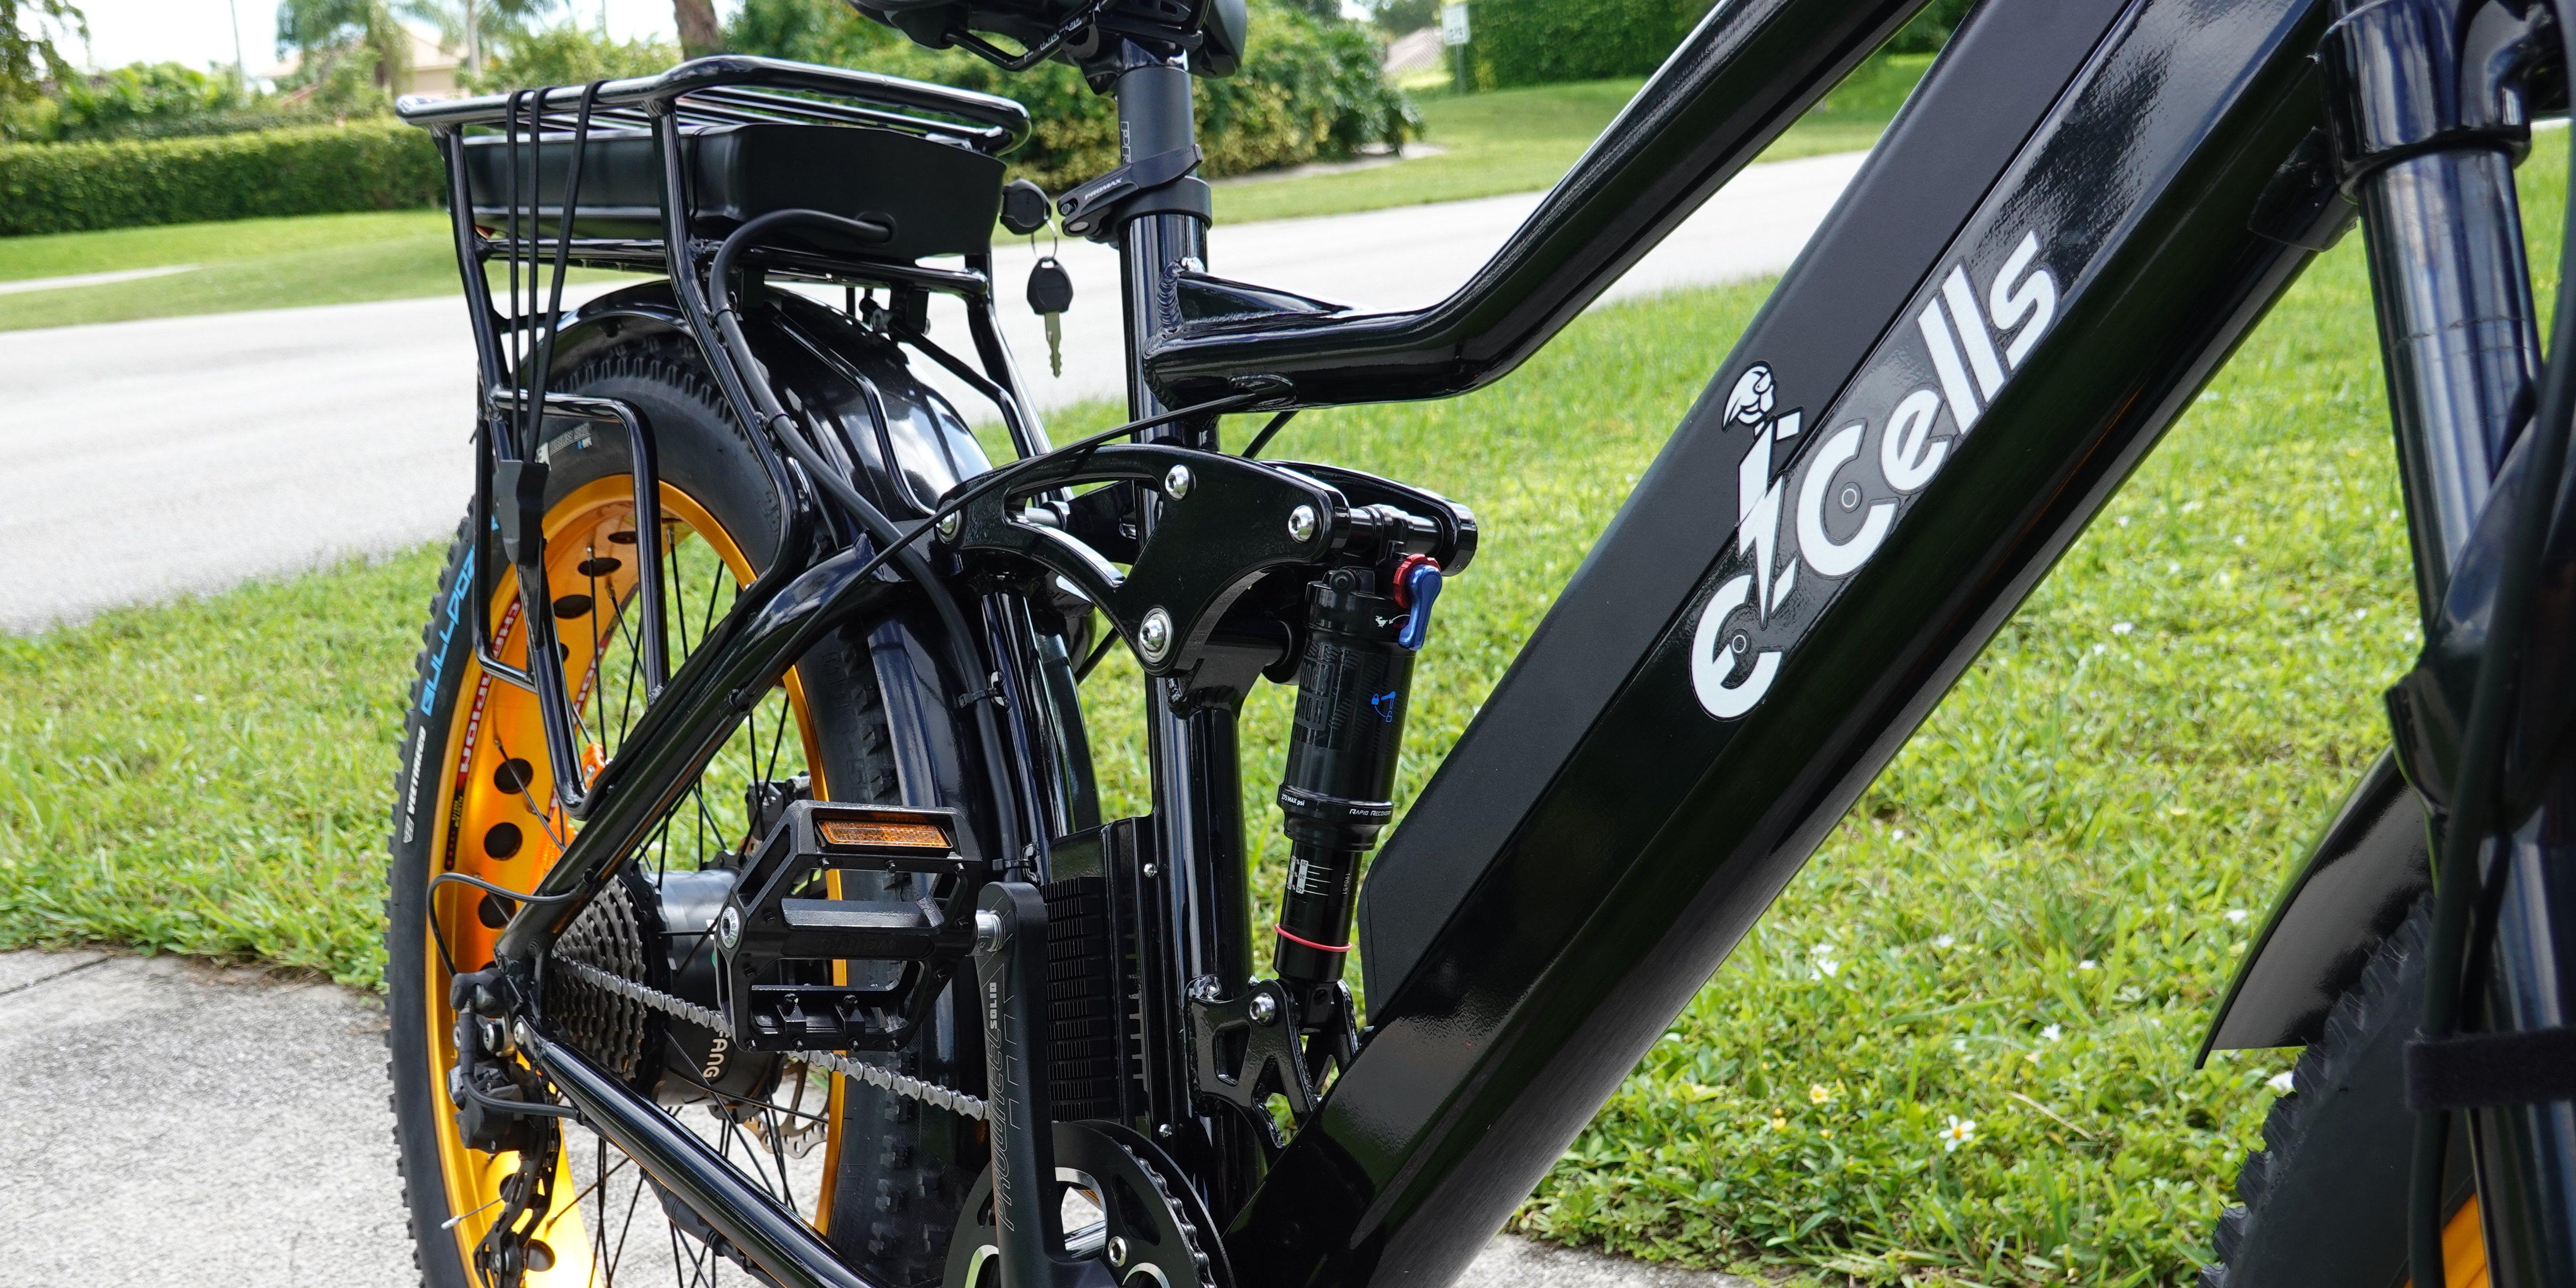 Review: 2,200W Super Monarch Crown AWD 1500 e-bike